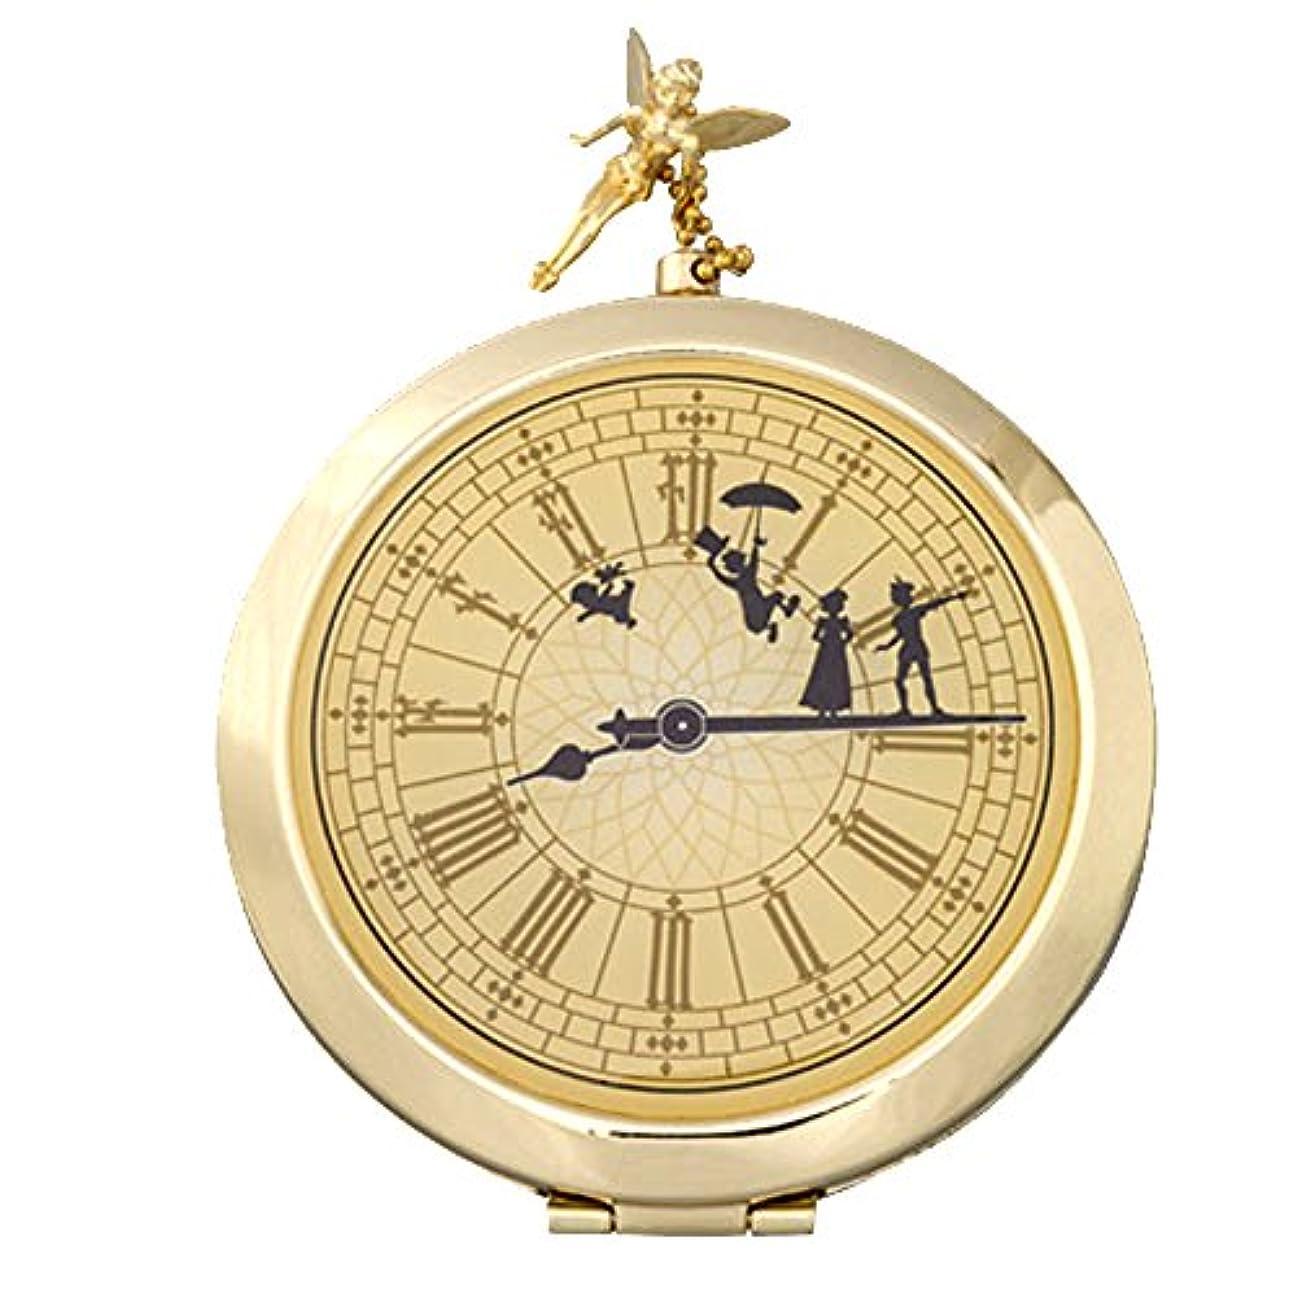 教授製造無駄12/1~ ピーターパン コンパクト 式 ミラー 鏡 時計型 アンティーク ディズニー ティンカーベル 他 メイク 用品 ( ディズニーランド限定 )